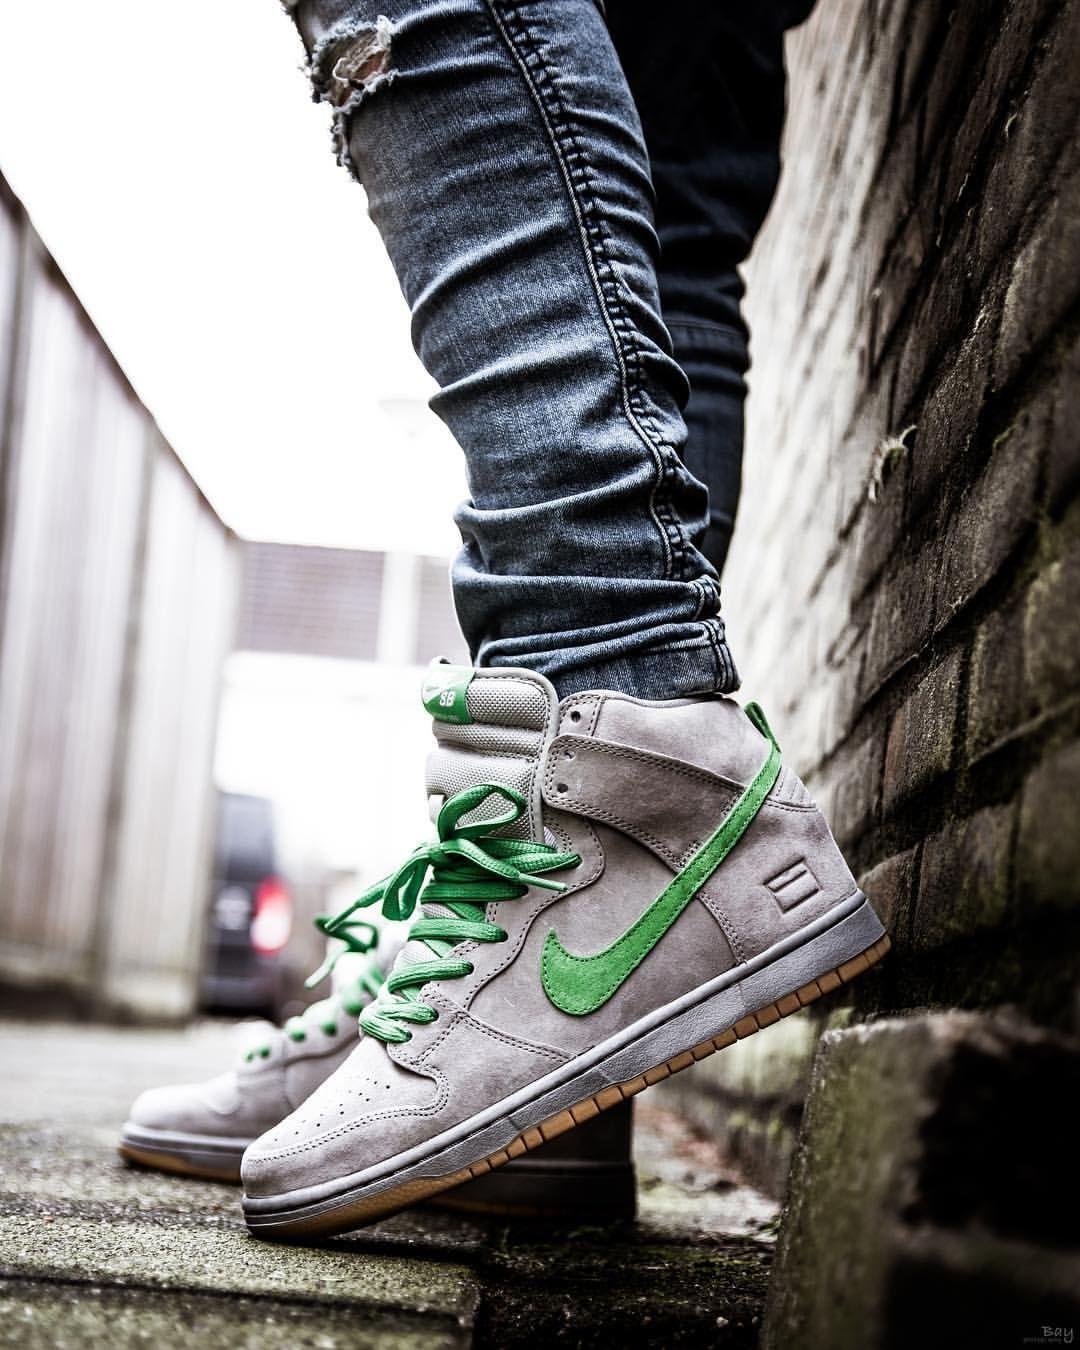 cheaper 5ea7d 26f4a Nike SB Dunk Mid